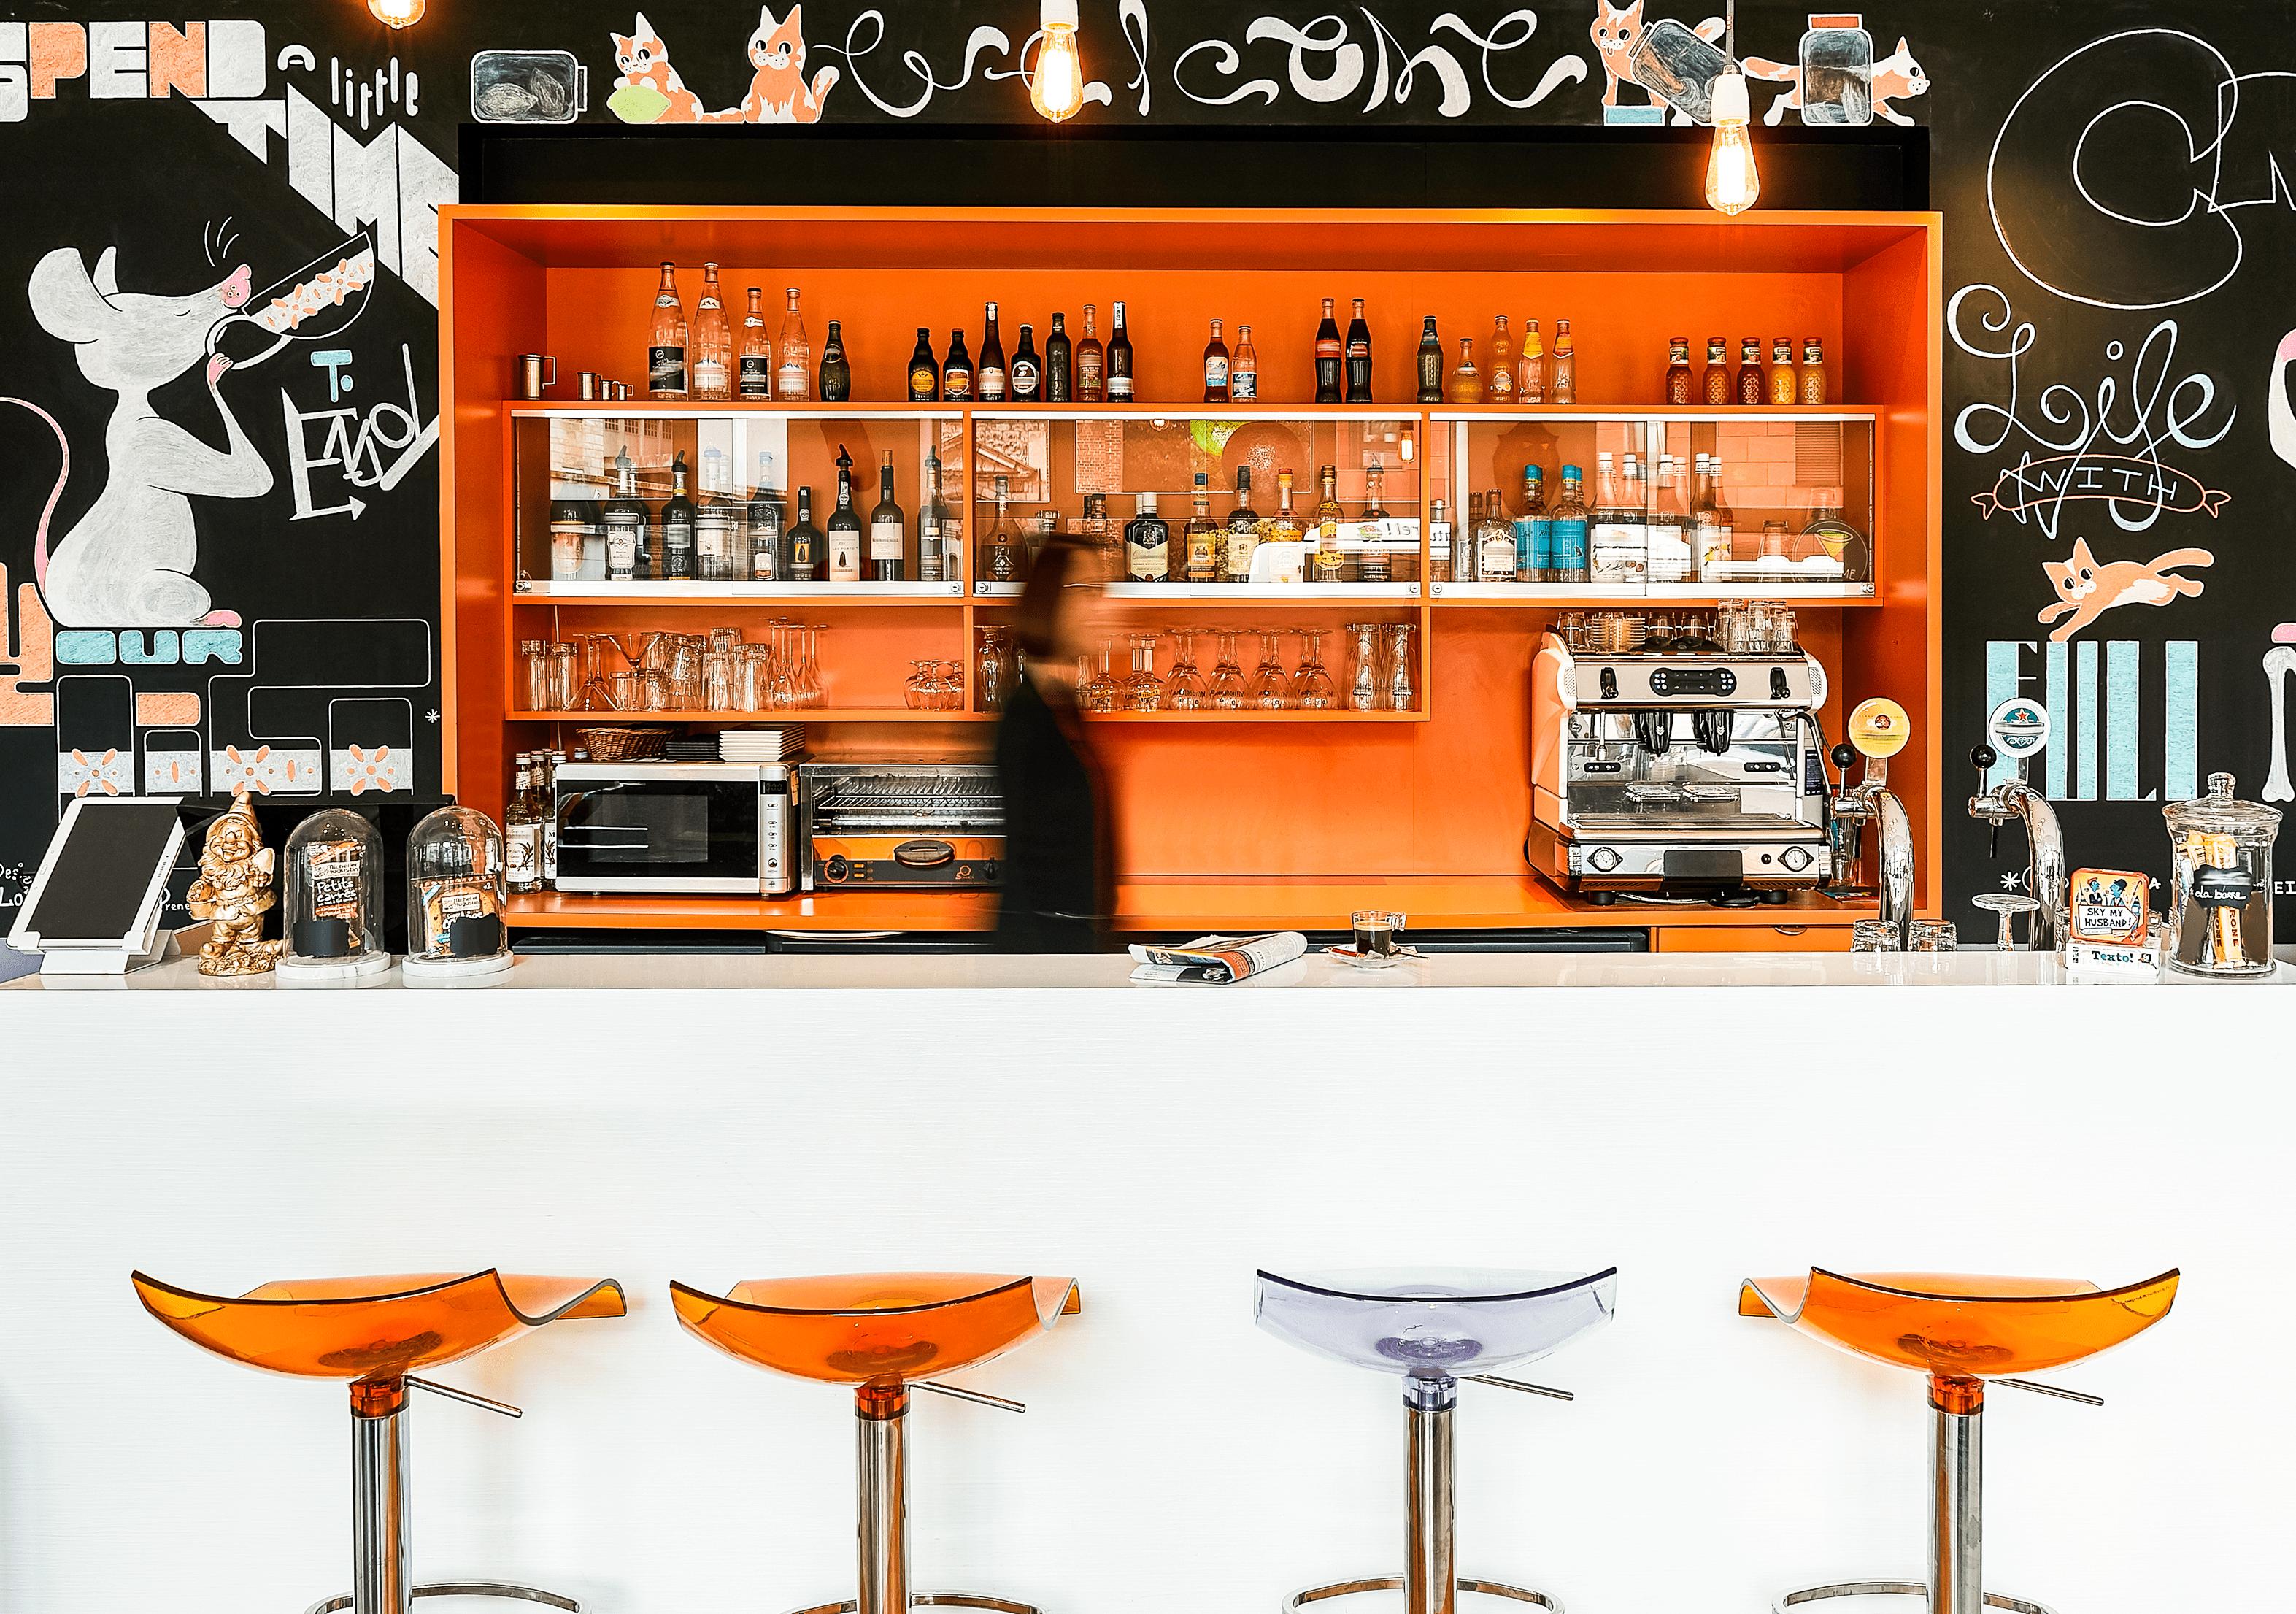 Orange Moderne Et Mobilier Design Decouvrez Et Faites Une Pause Dans Le Bar De L Hotel Ibis Styles Lille Centre Grand Place Lille Places Centre